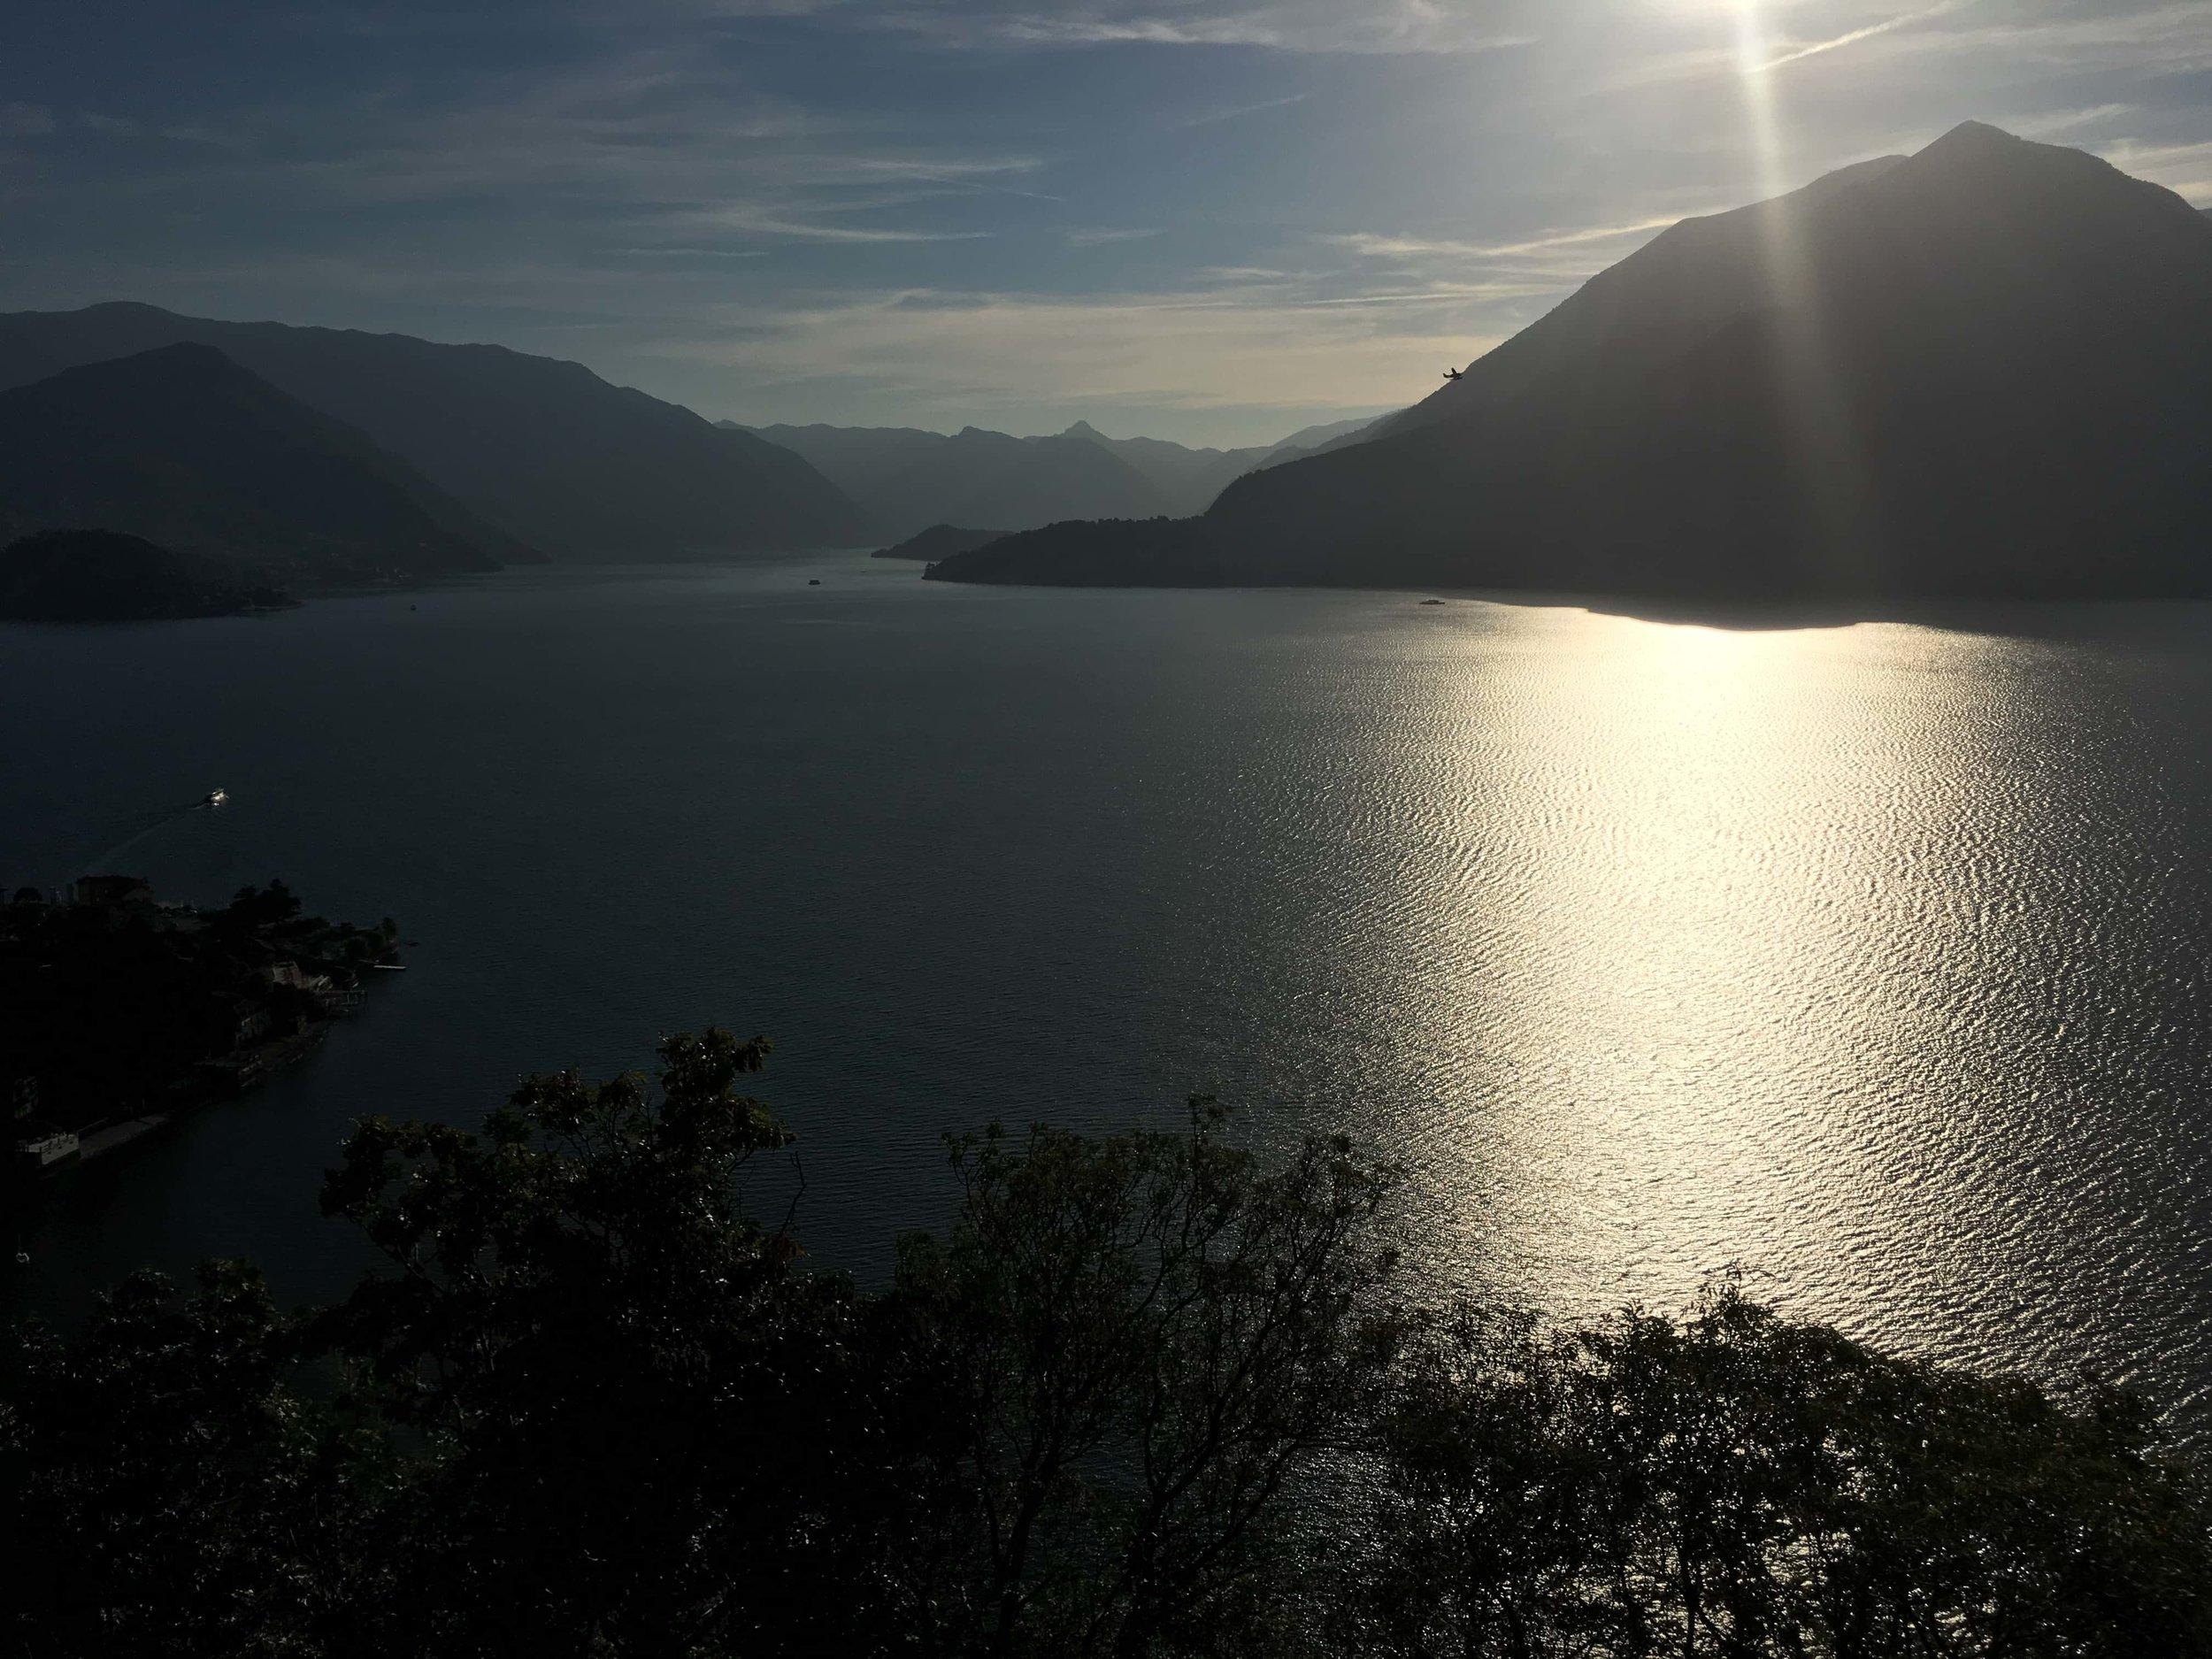 LR Hikingcomolake_viandante_varenna_sunset.jpg